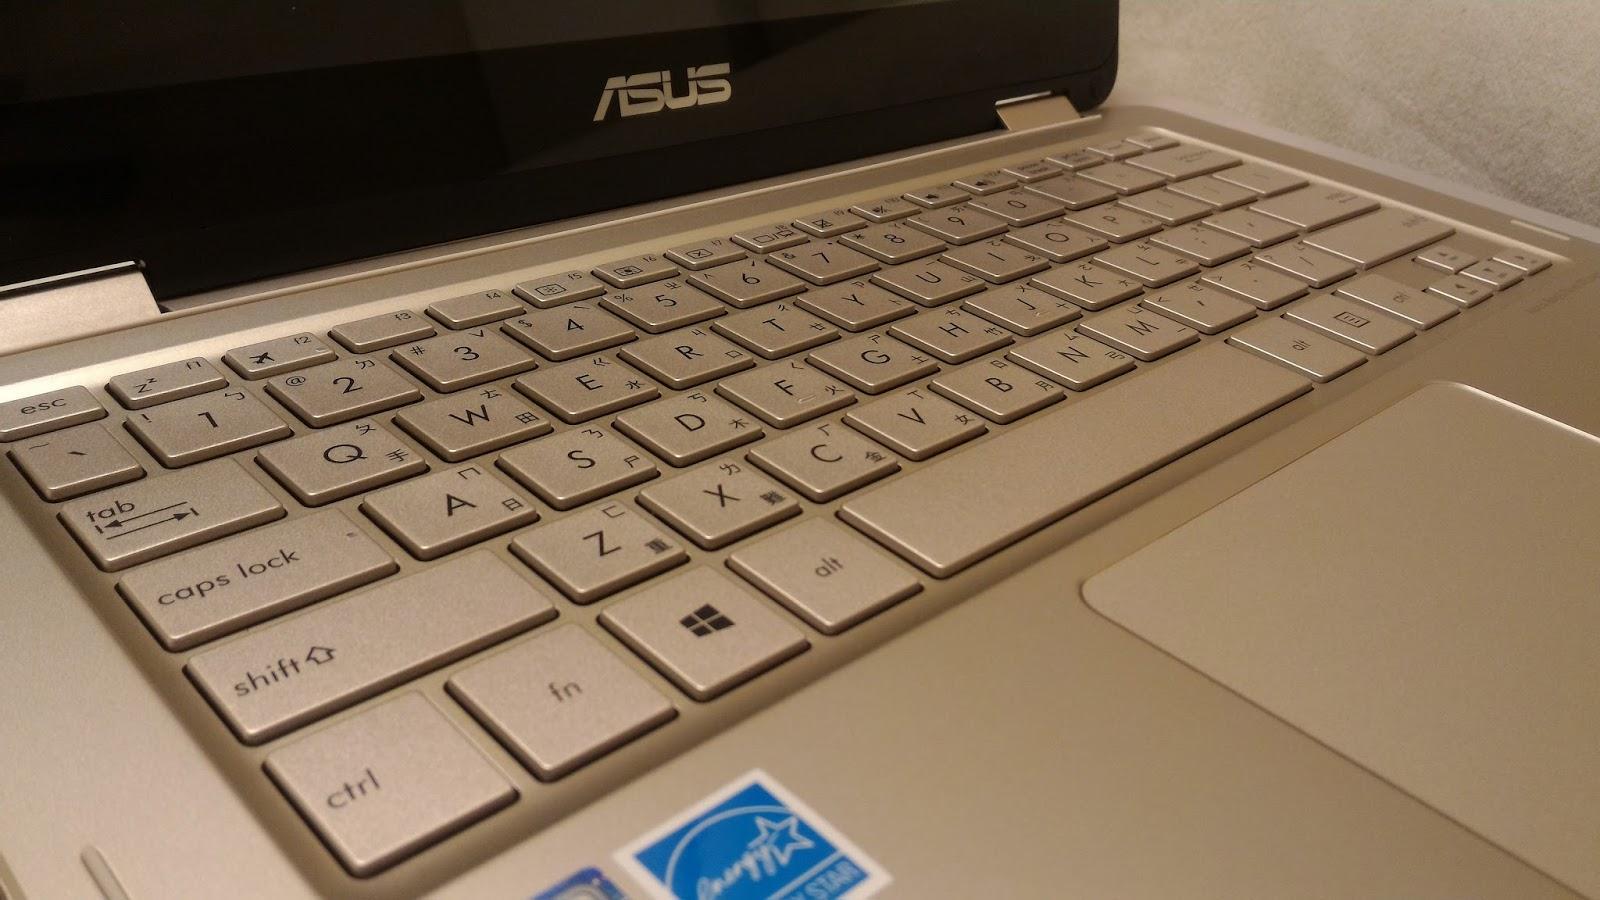 P 20160506 230942 SRES - [開箱] Asus Zenbook Flip UX306CA 極致輕薄、360度自由翻轉